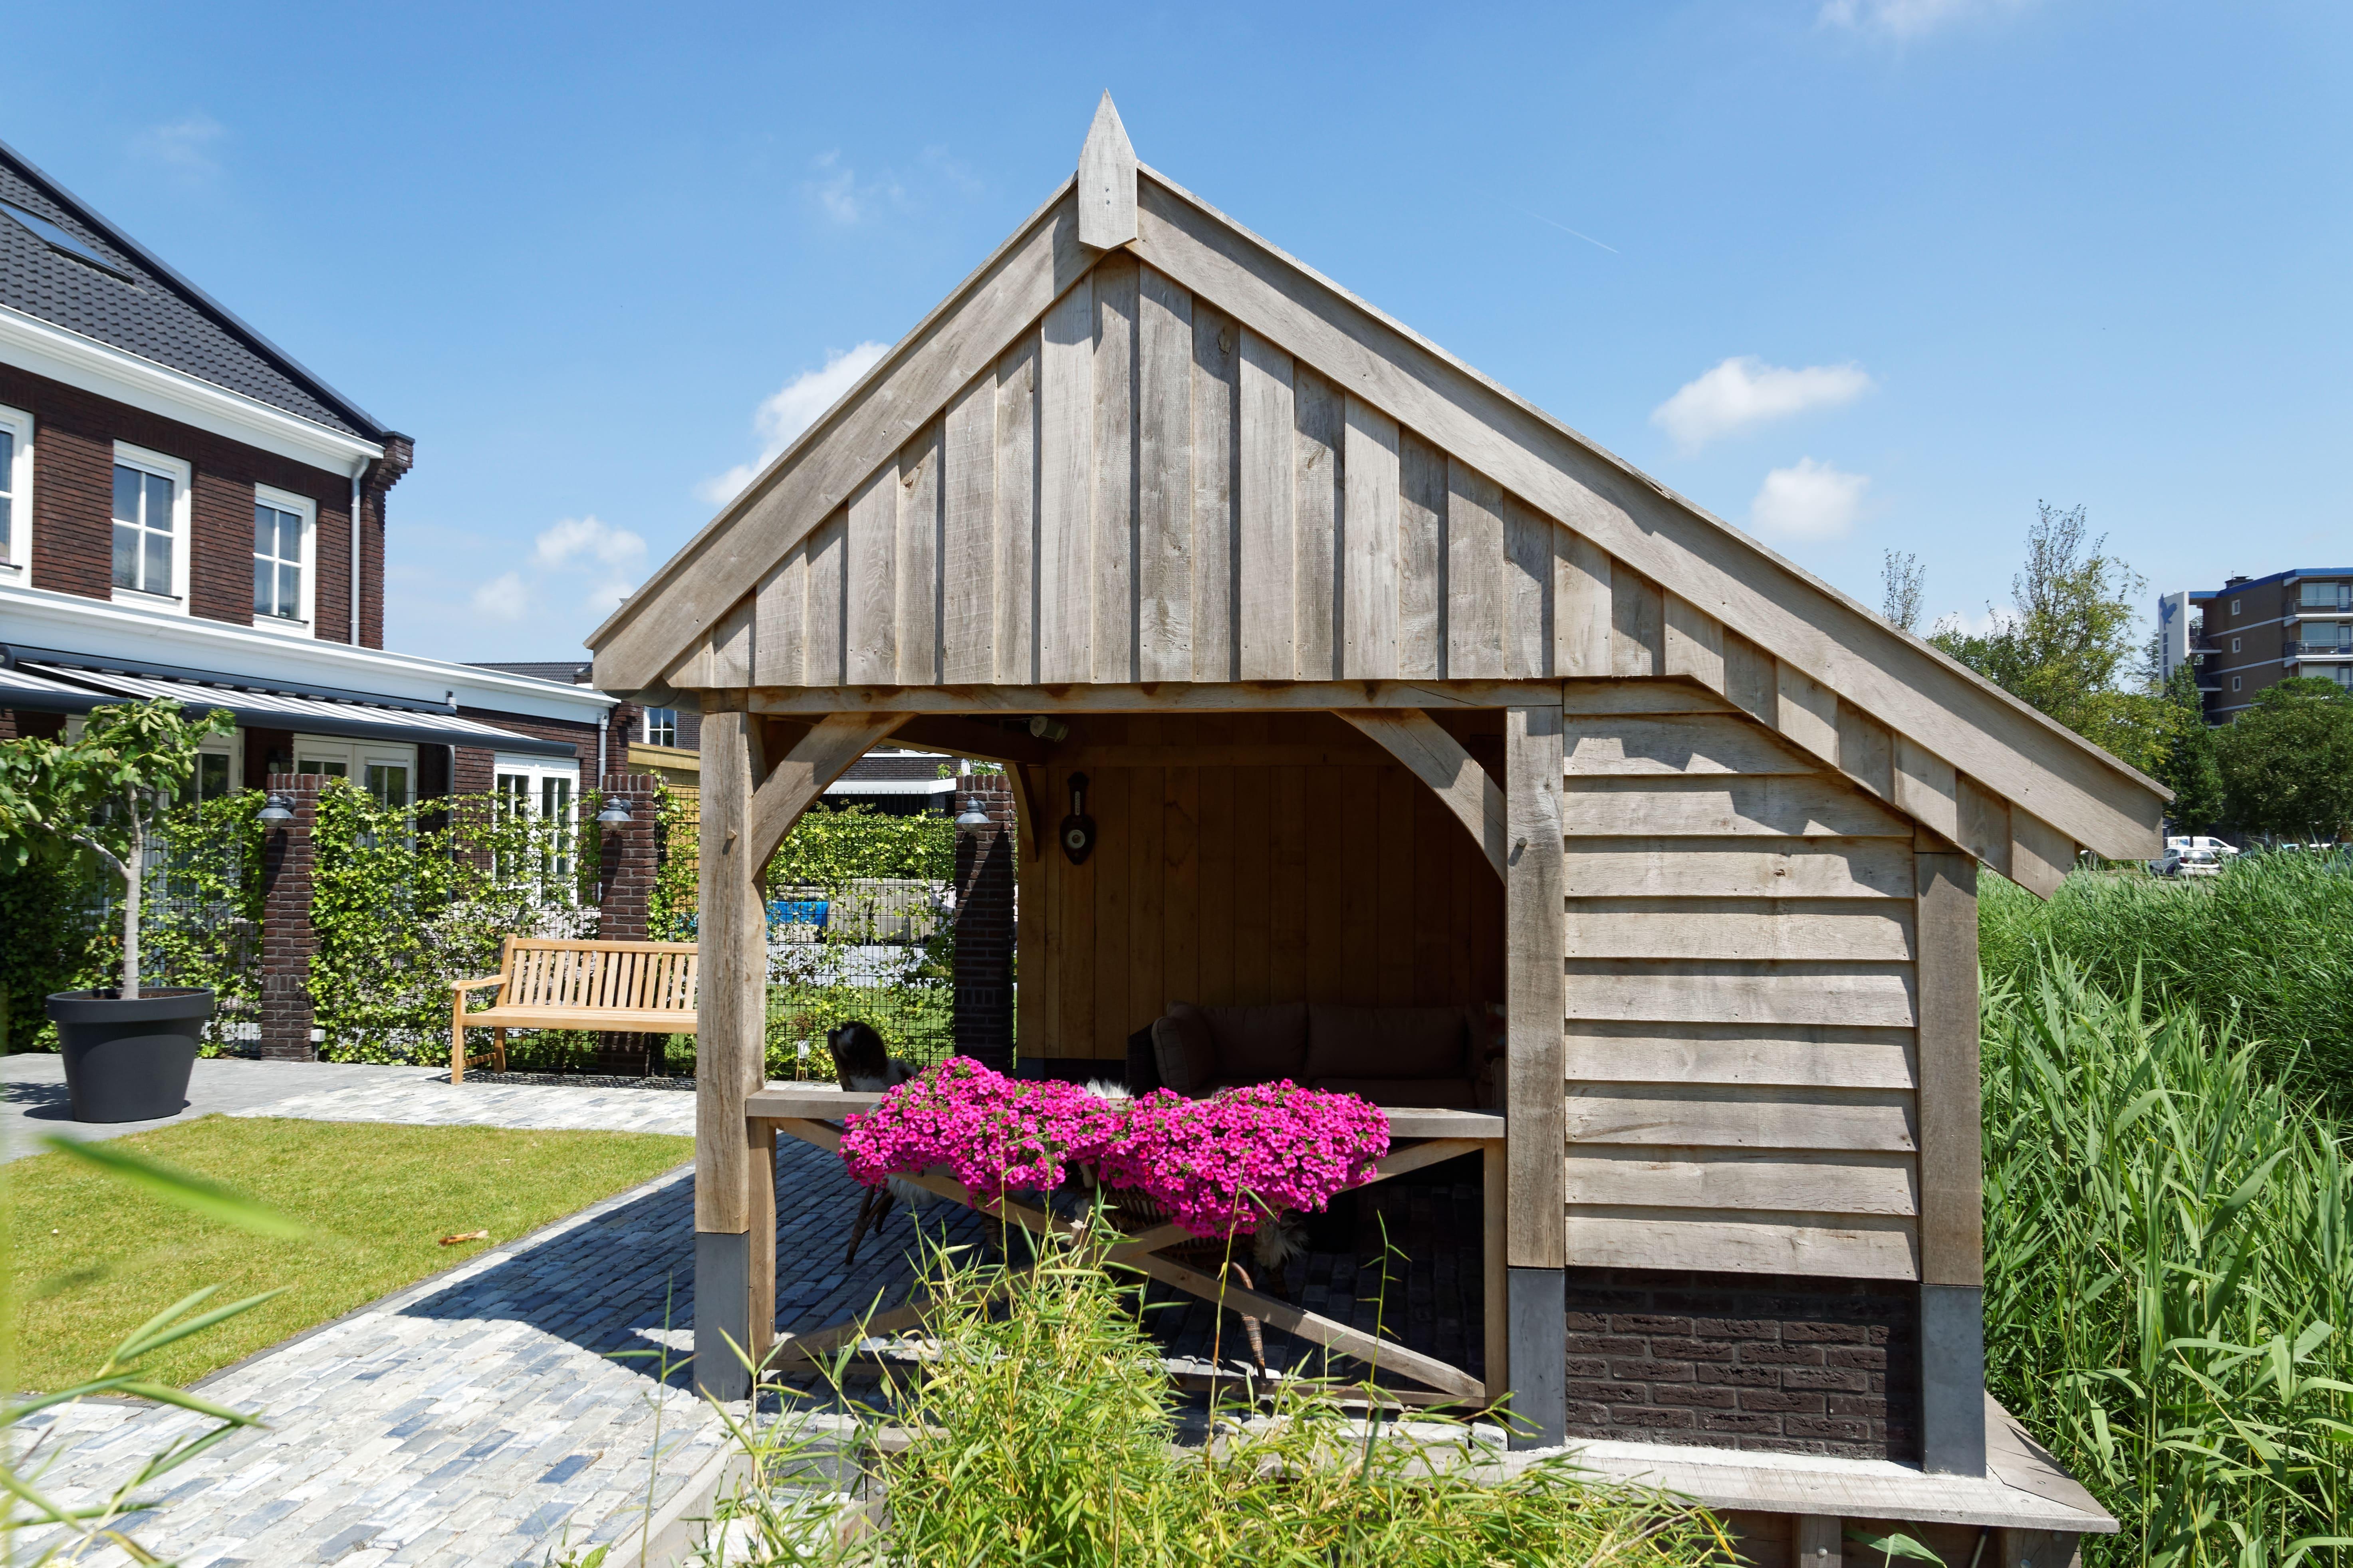 houten-kapschuur-met-tuinkamer-11-min - Project: Maassluis